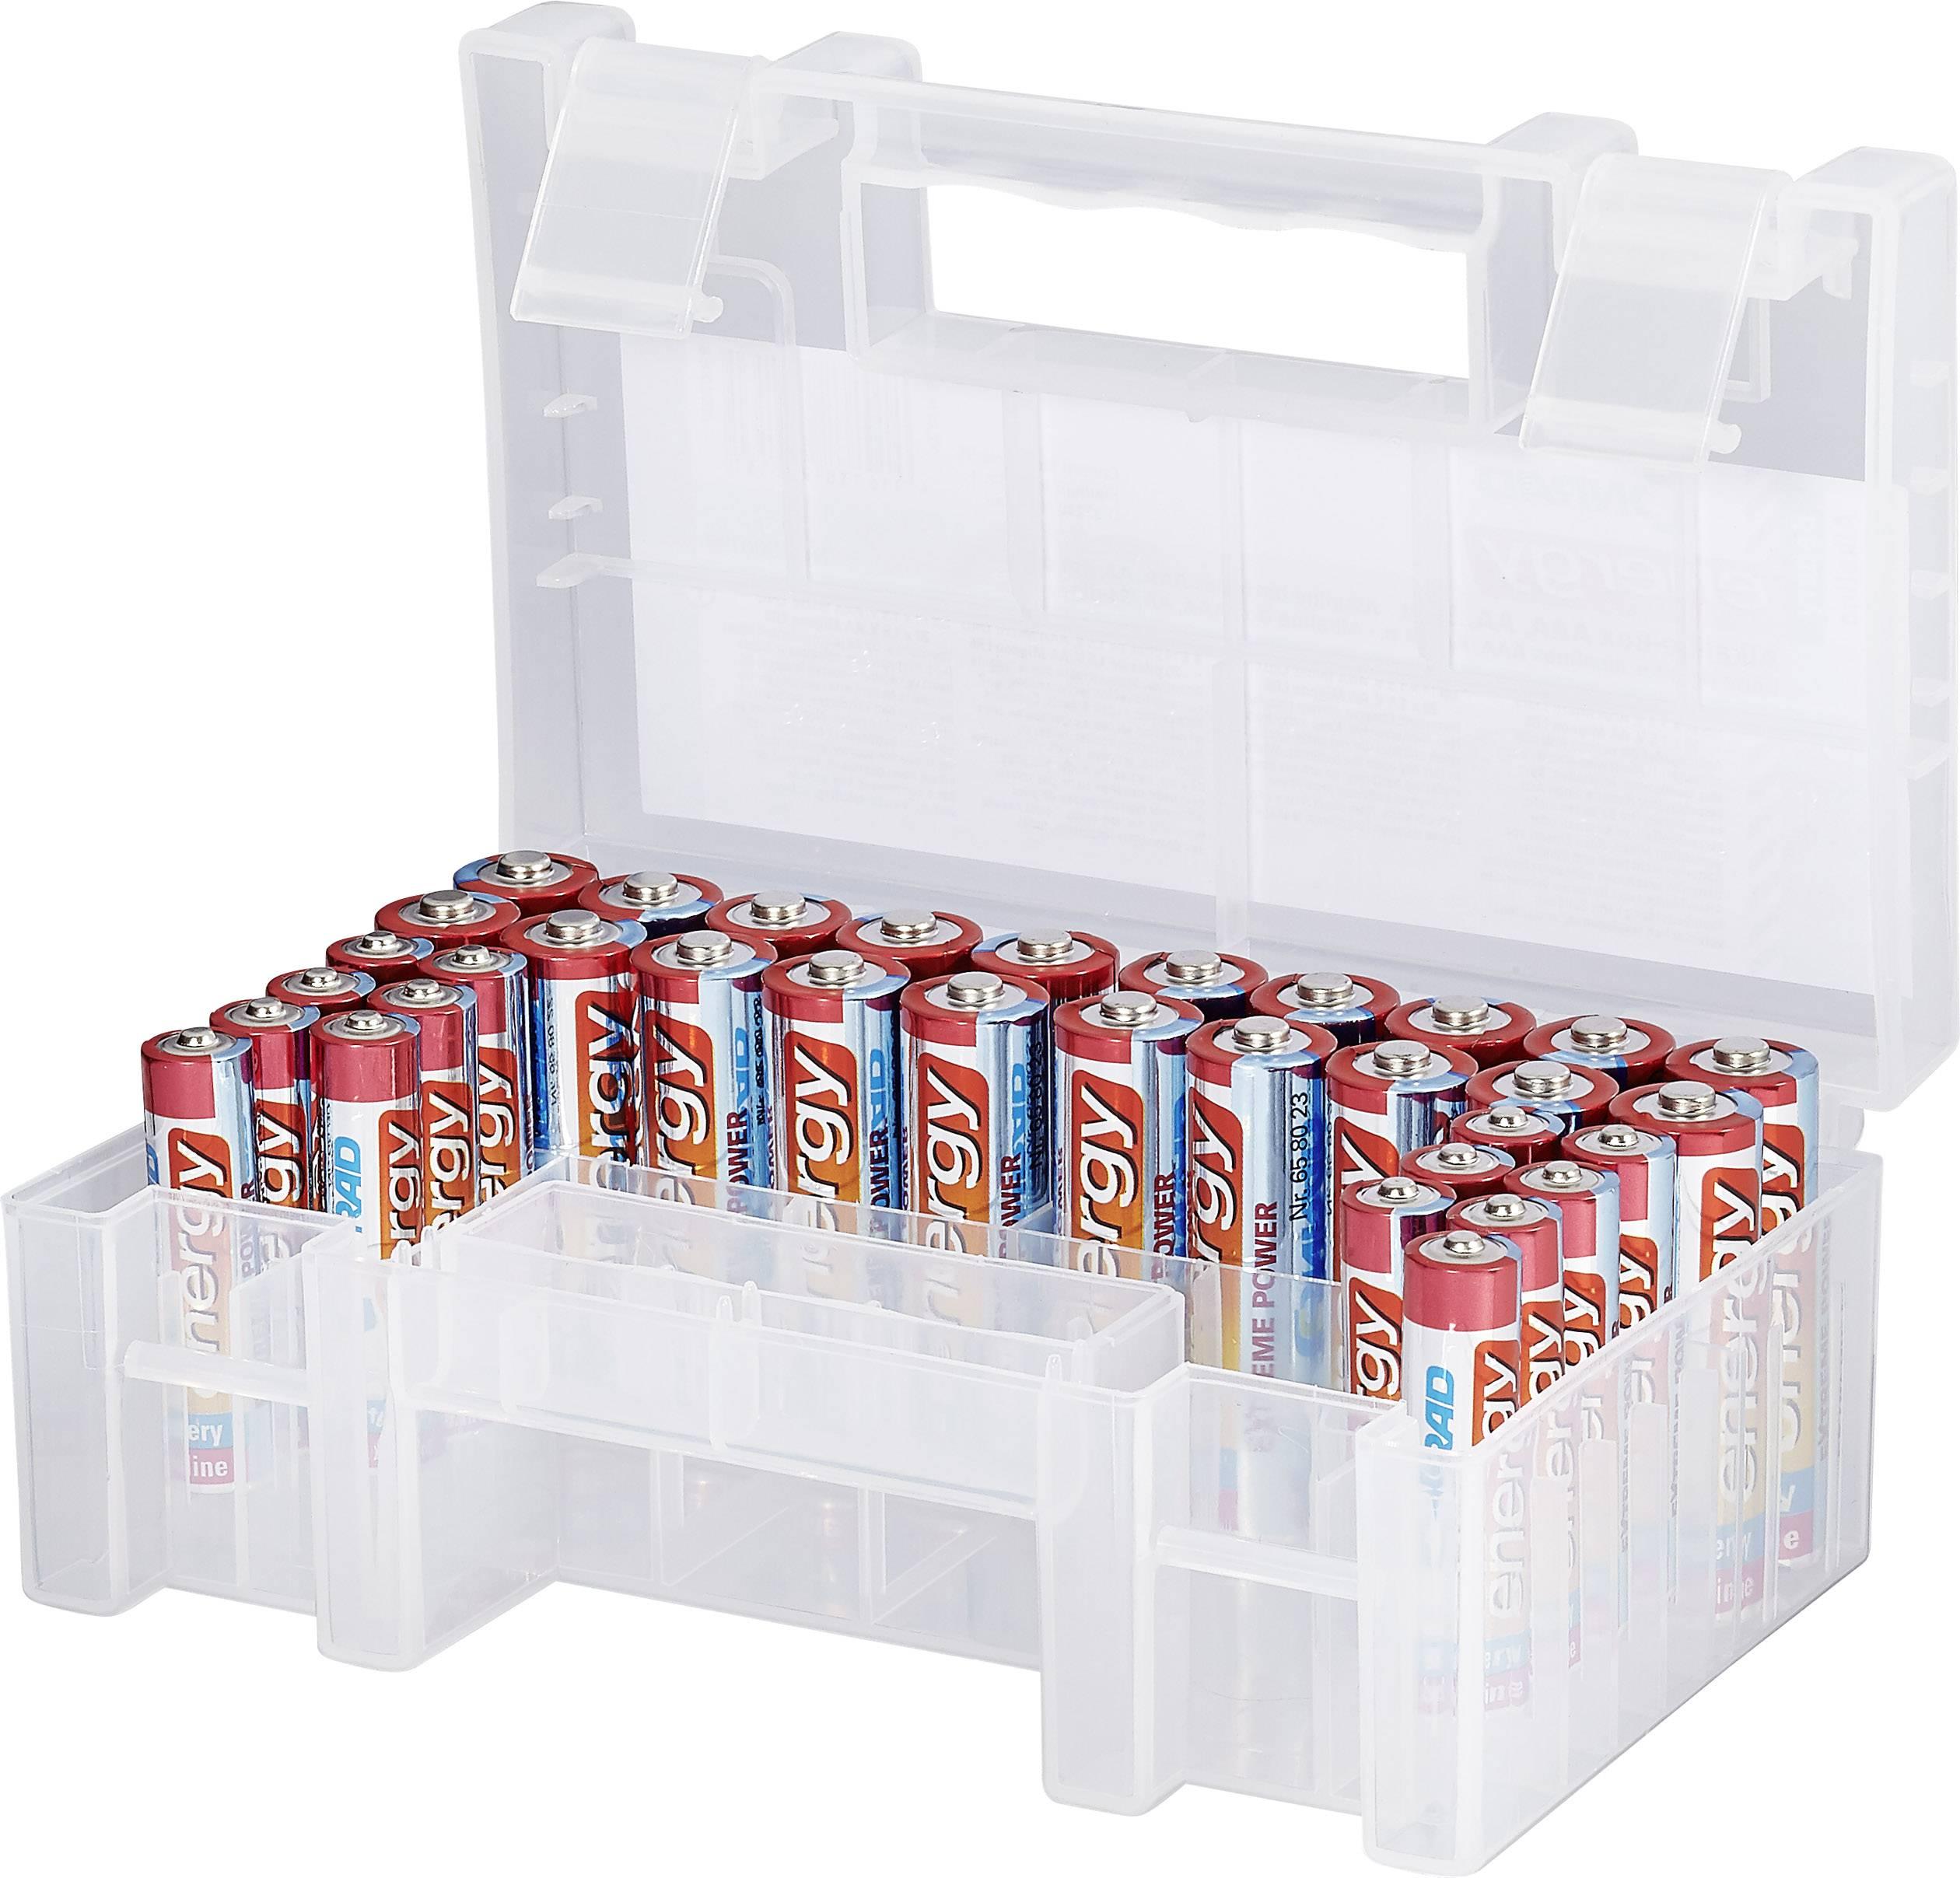 Výhodná sada alkalických baterií Conrad energy Extreme Power, AAA + AA, 34ks